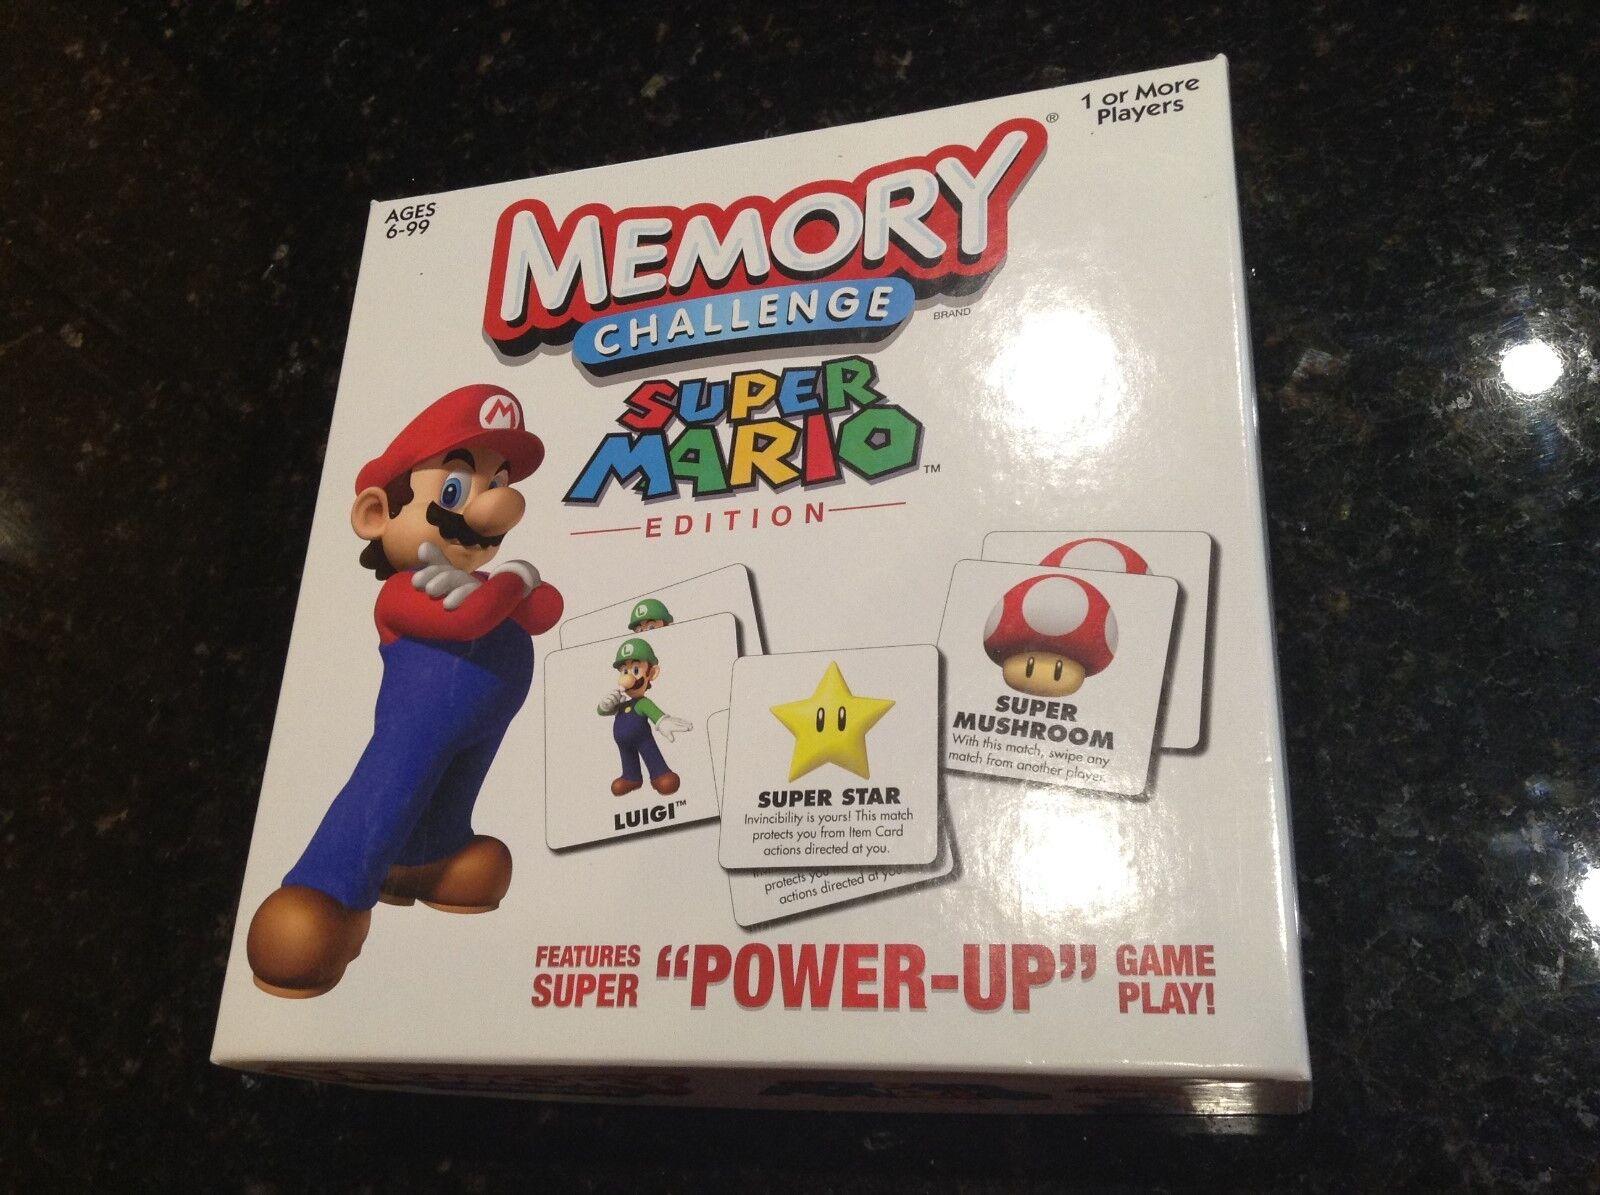 Super Mario MEMORY Chtuttienge Match autod gioco completare EUC   buona reputazione